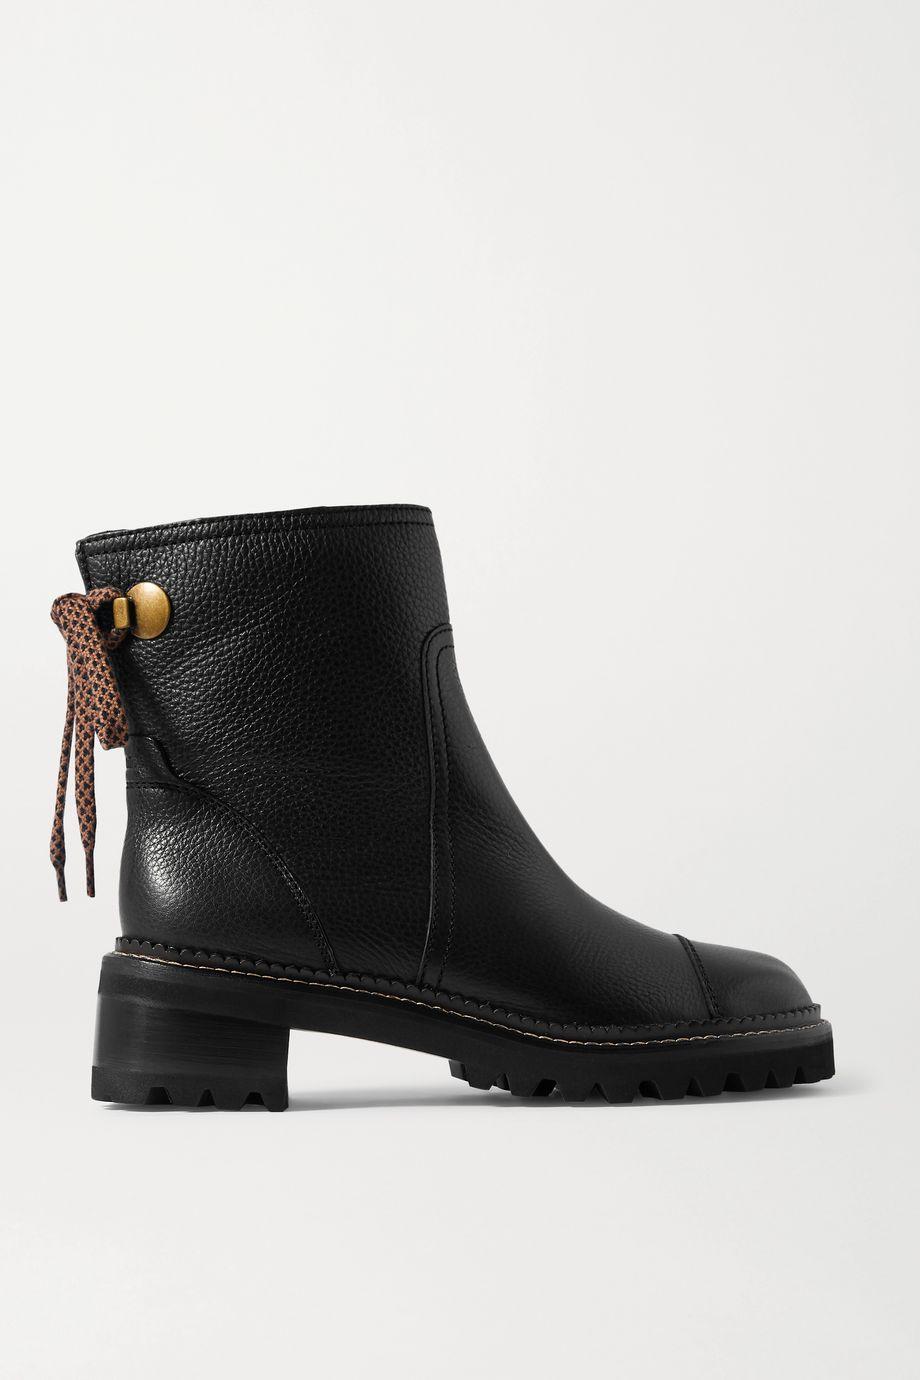 See By Chloé 纹理皮革踝靴